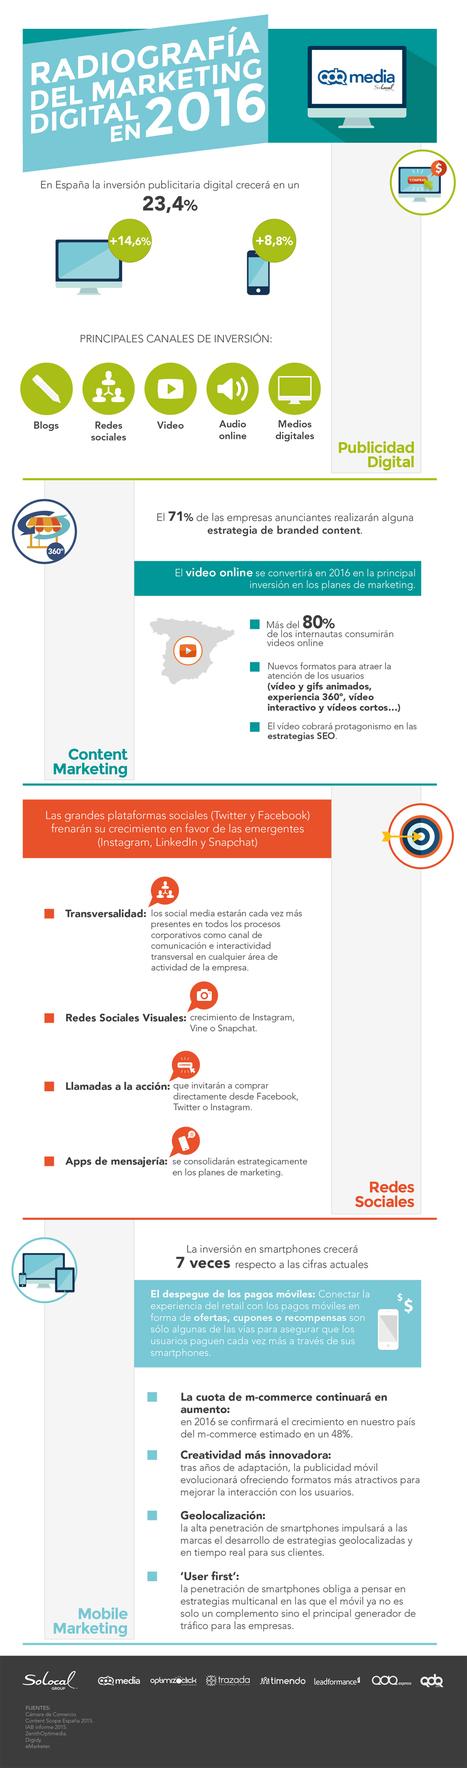 Radiografía del Marketing Digital en España 2016  #infografia #infographic #marketing   Redes sociales y Social Media   Scoop.it